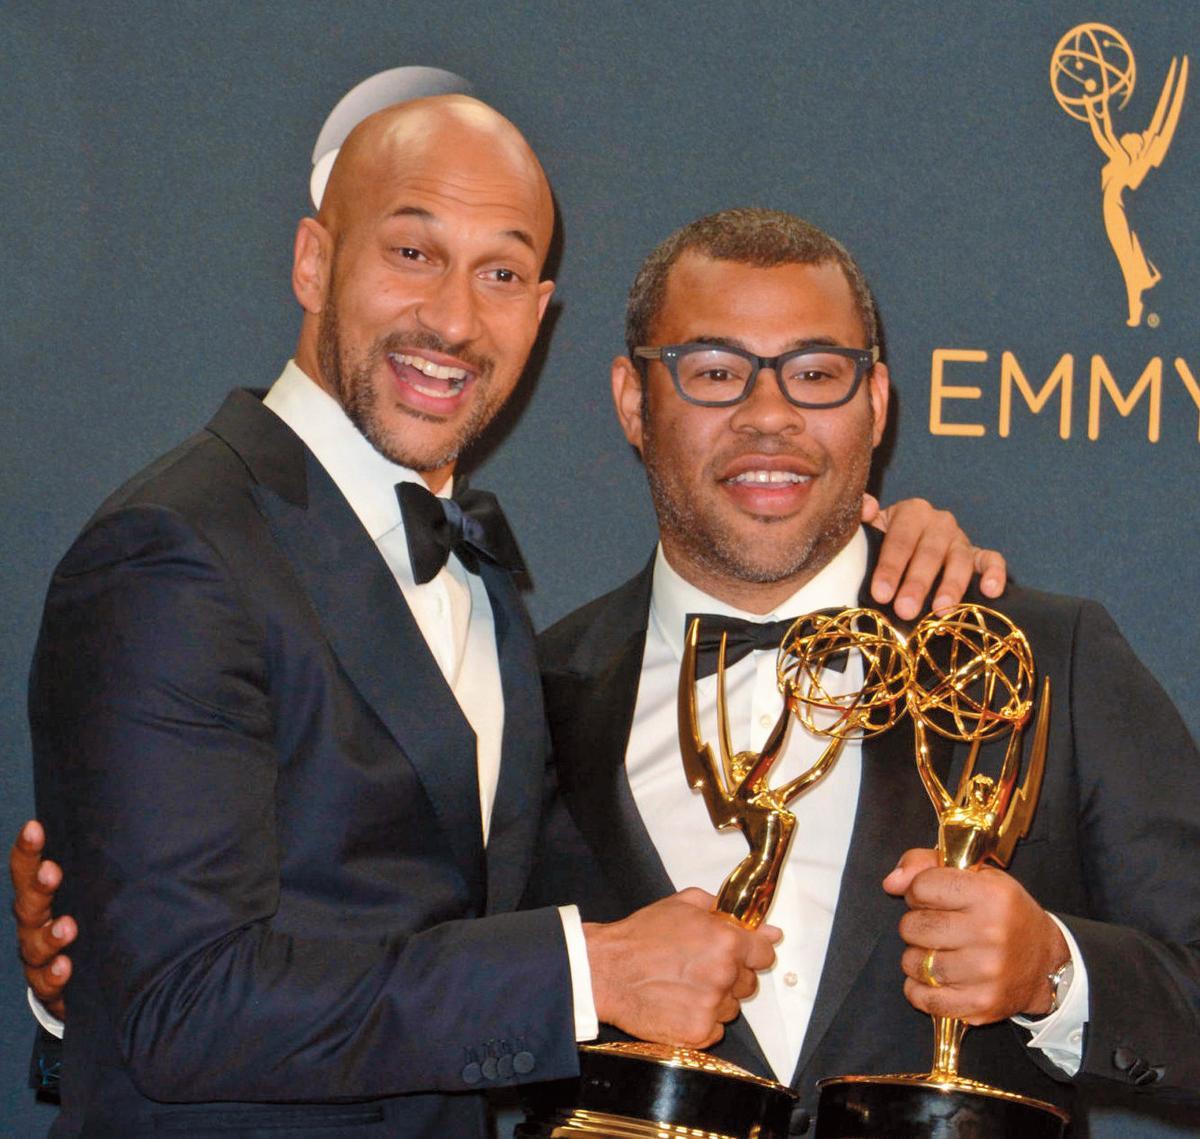 喬登皮爾(右)和搭檔基根麥可奇(左,Keegan-Michael Key)去年以喜劇節目《阿奇與阿皮》贏得艾美獎最佳綜藝小品。(翻攝自u92slc.com)